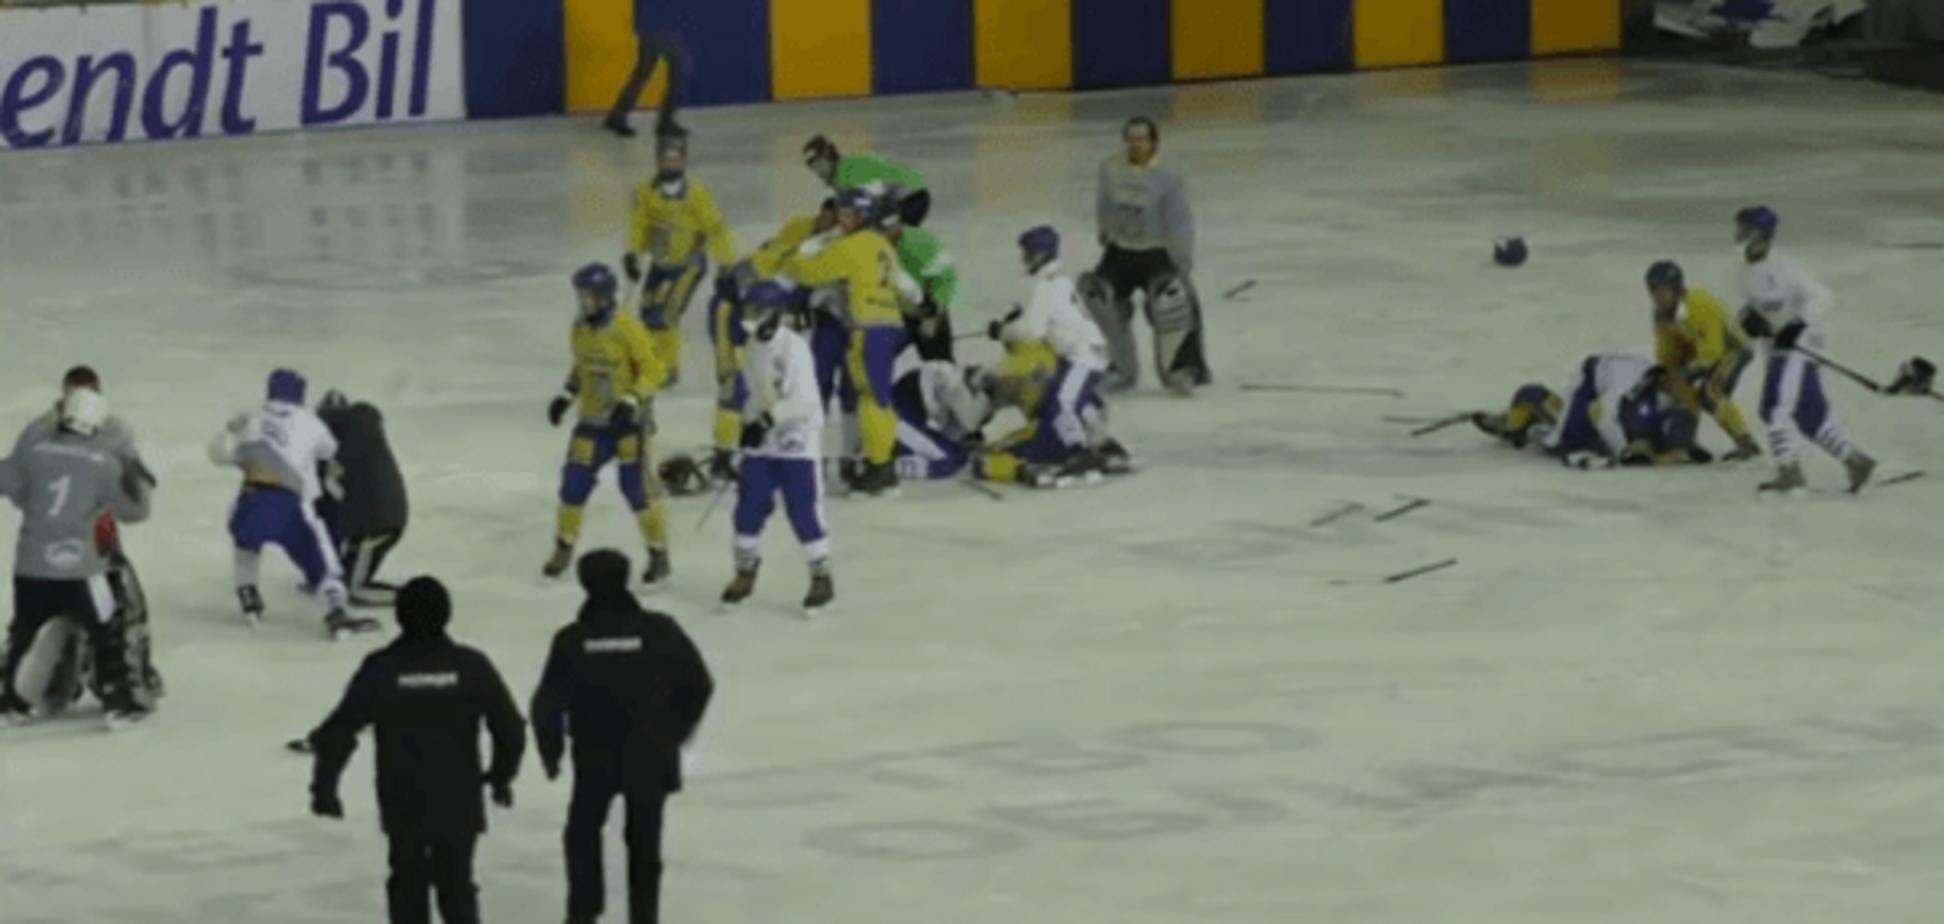 Хокеїсти збірної України влаштували масову бійку на чемпіонаті світу в Росії: відео інциденту